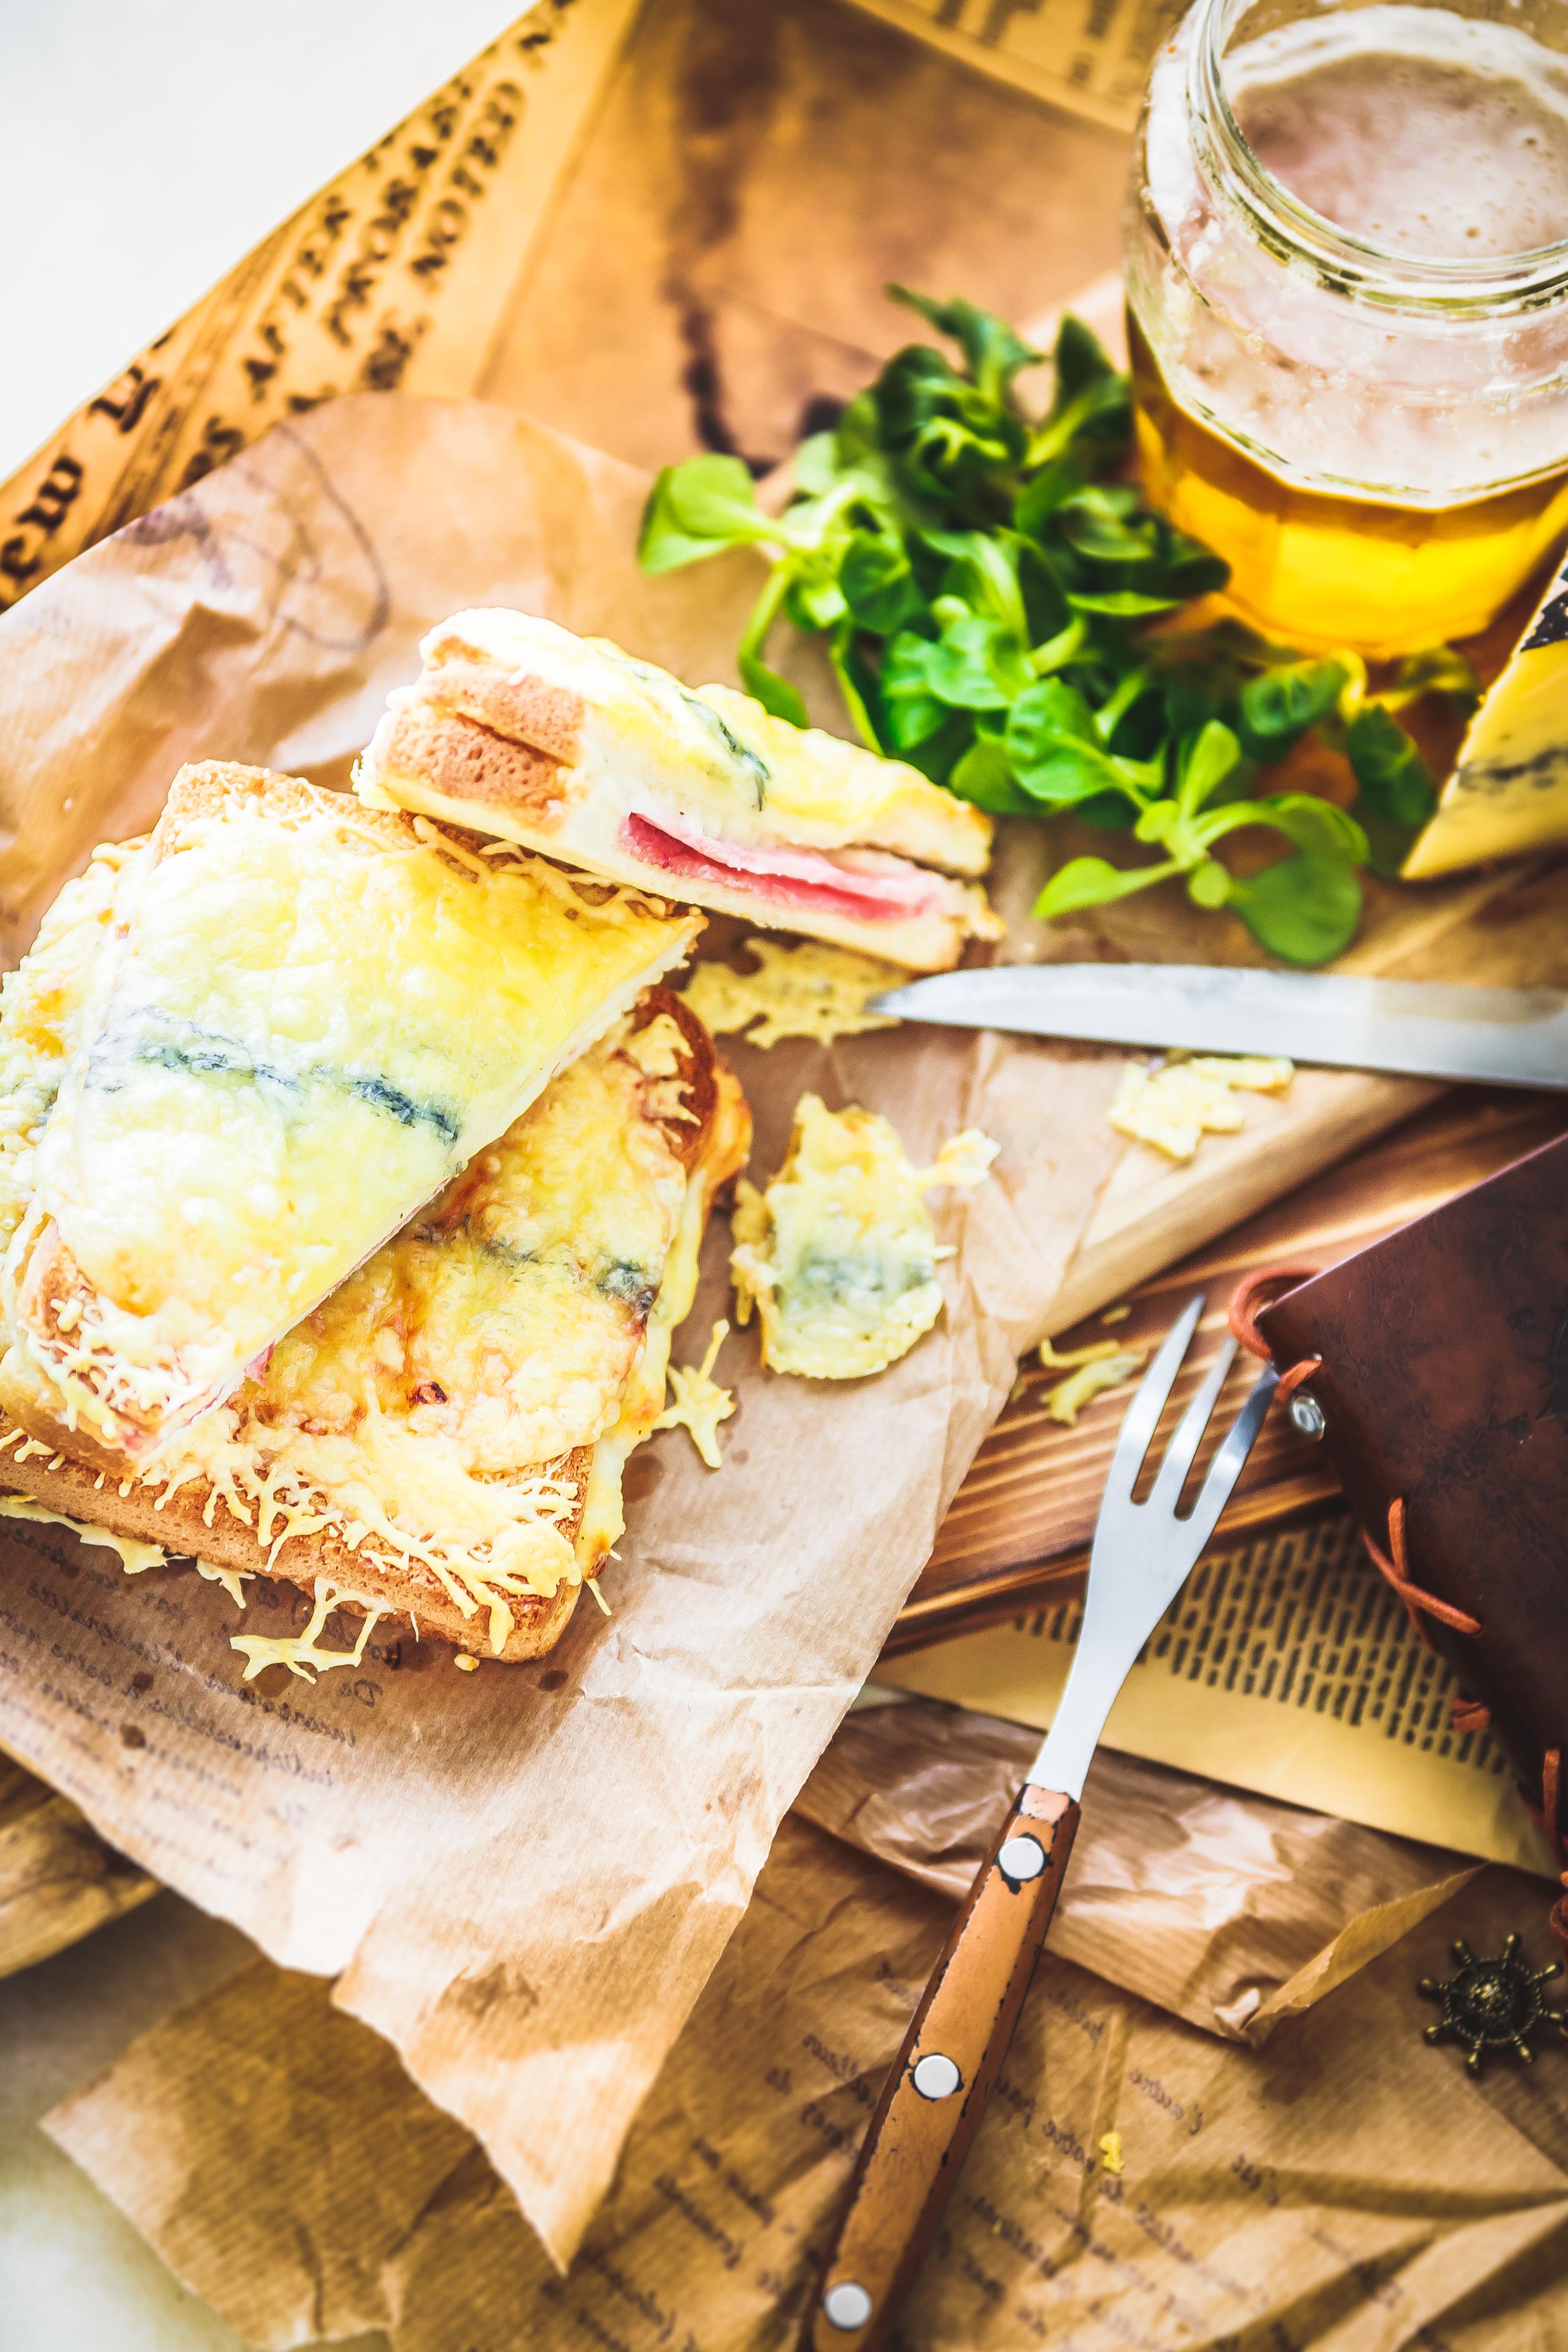 Recette Croque-monsieur au Morbier façon Brasserie. Photographe culinaire.Crique